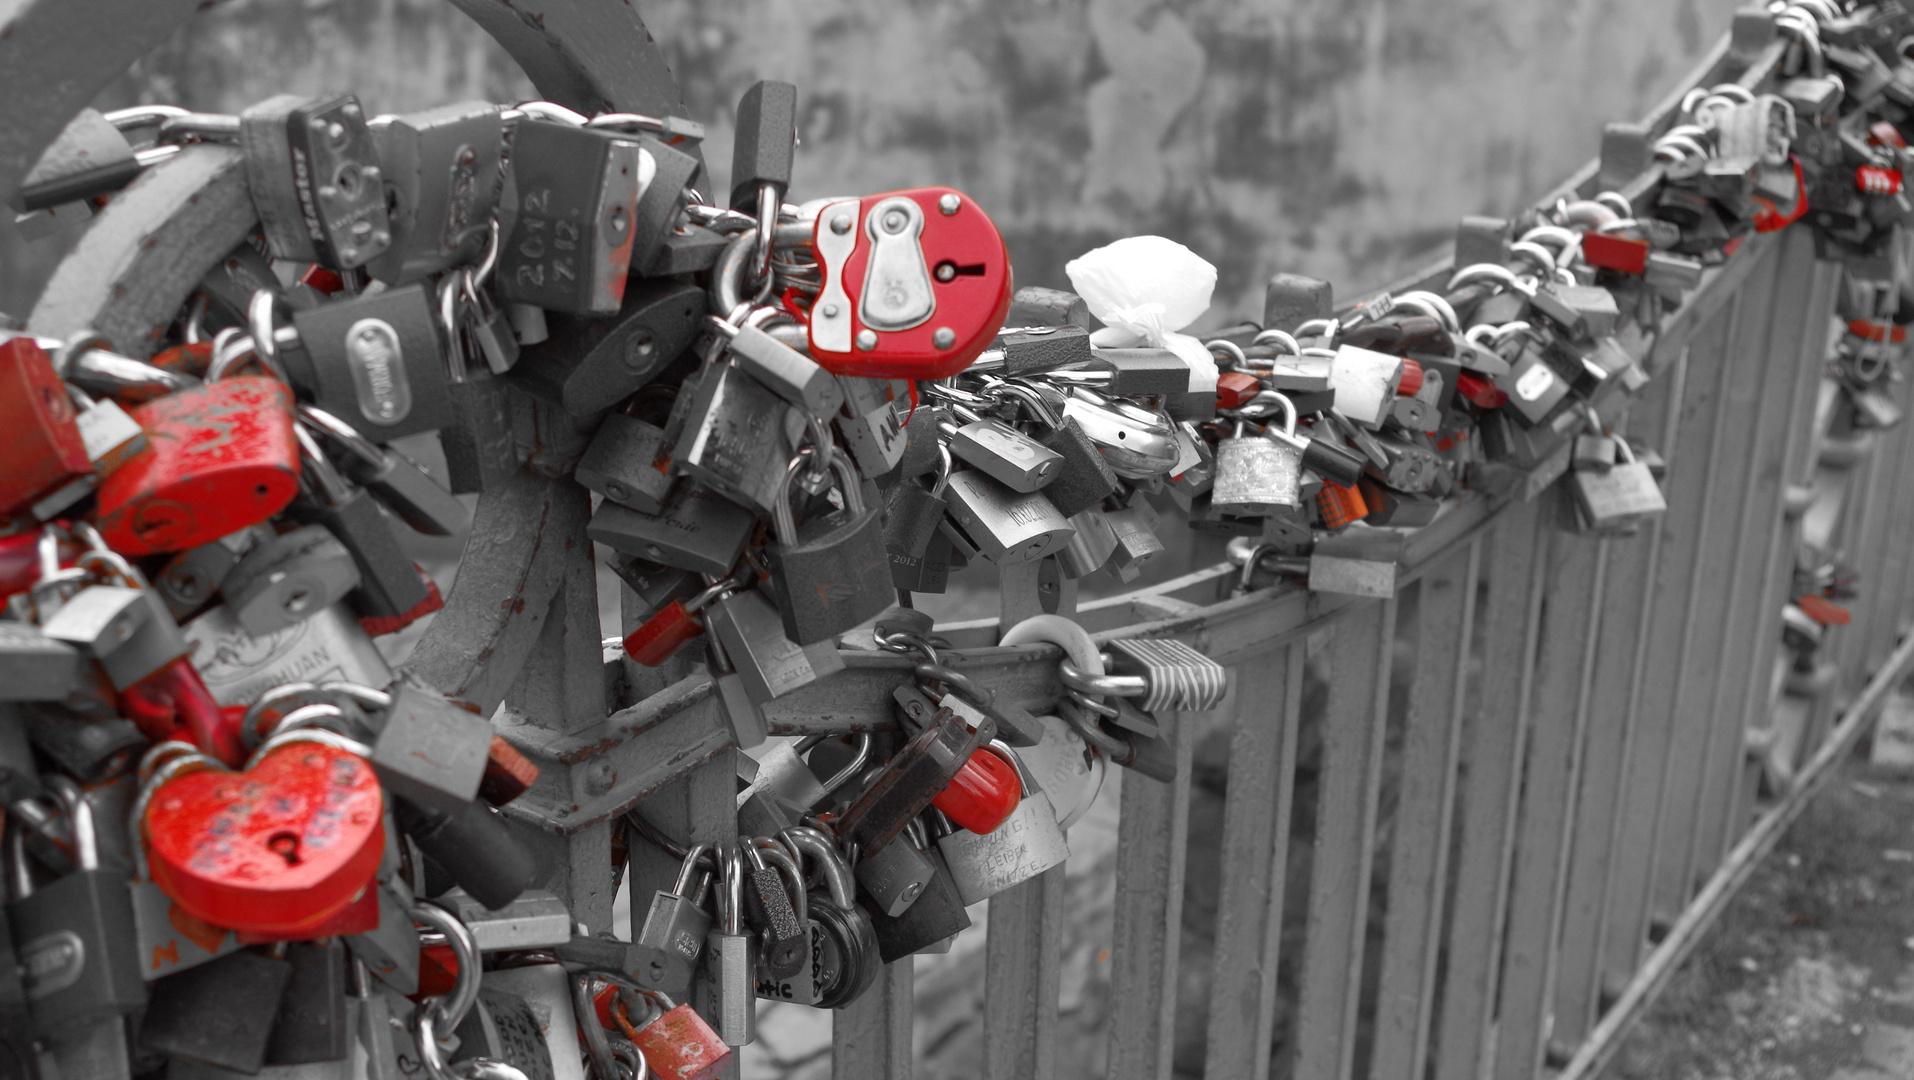 Rot für die Liebe